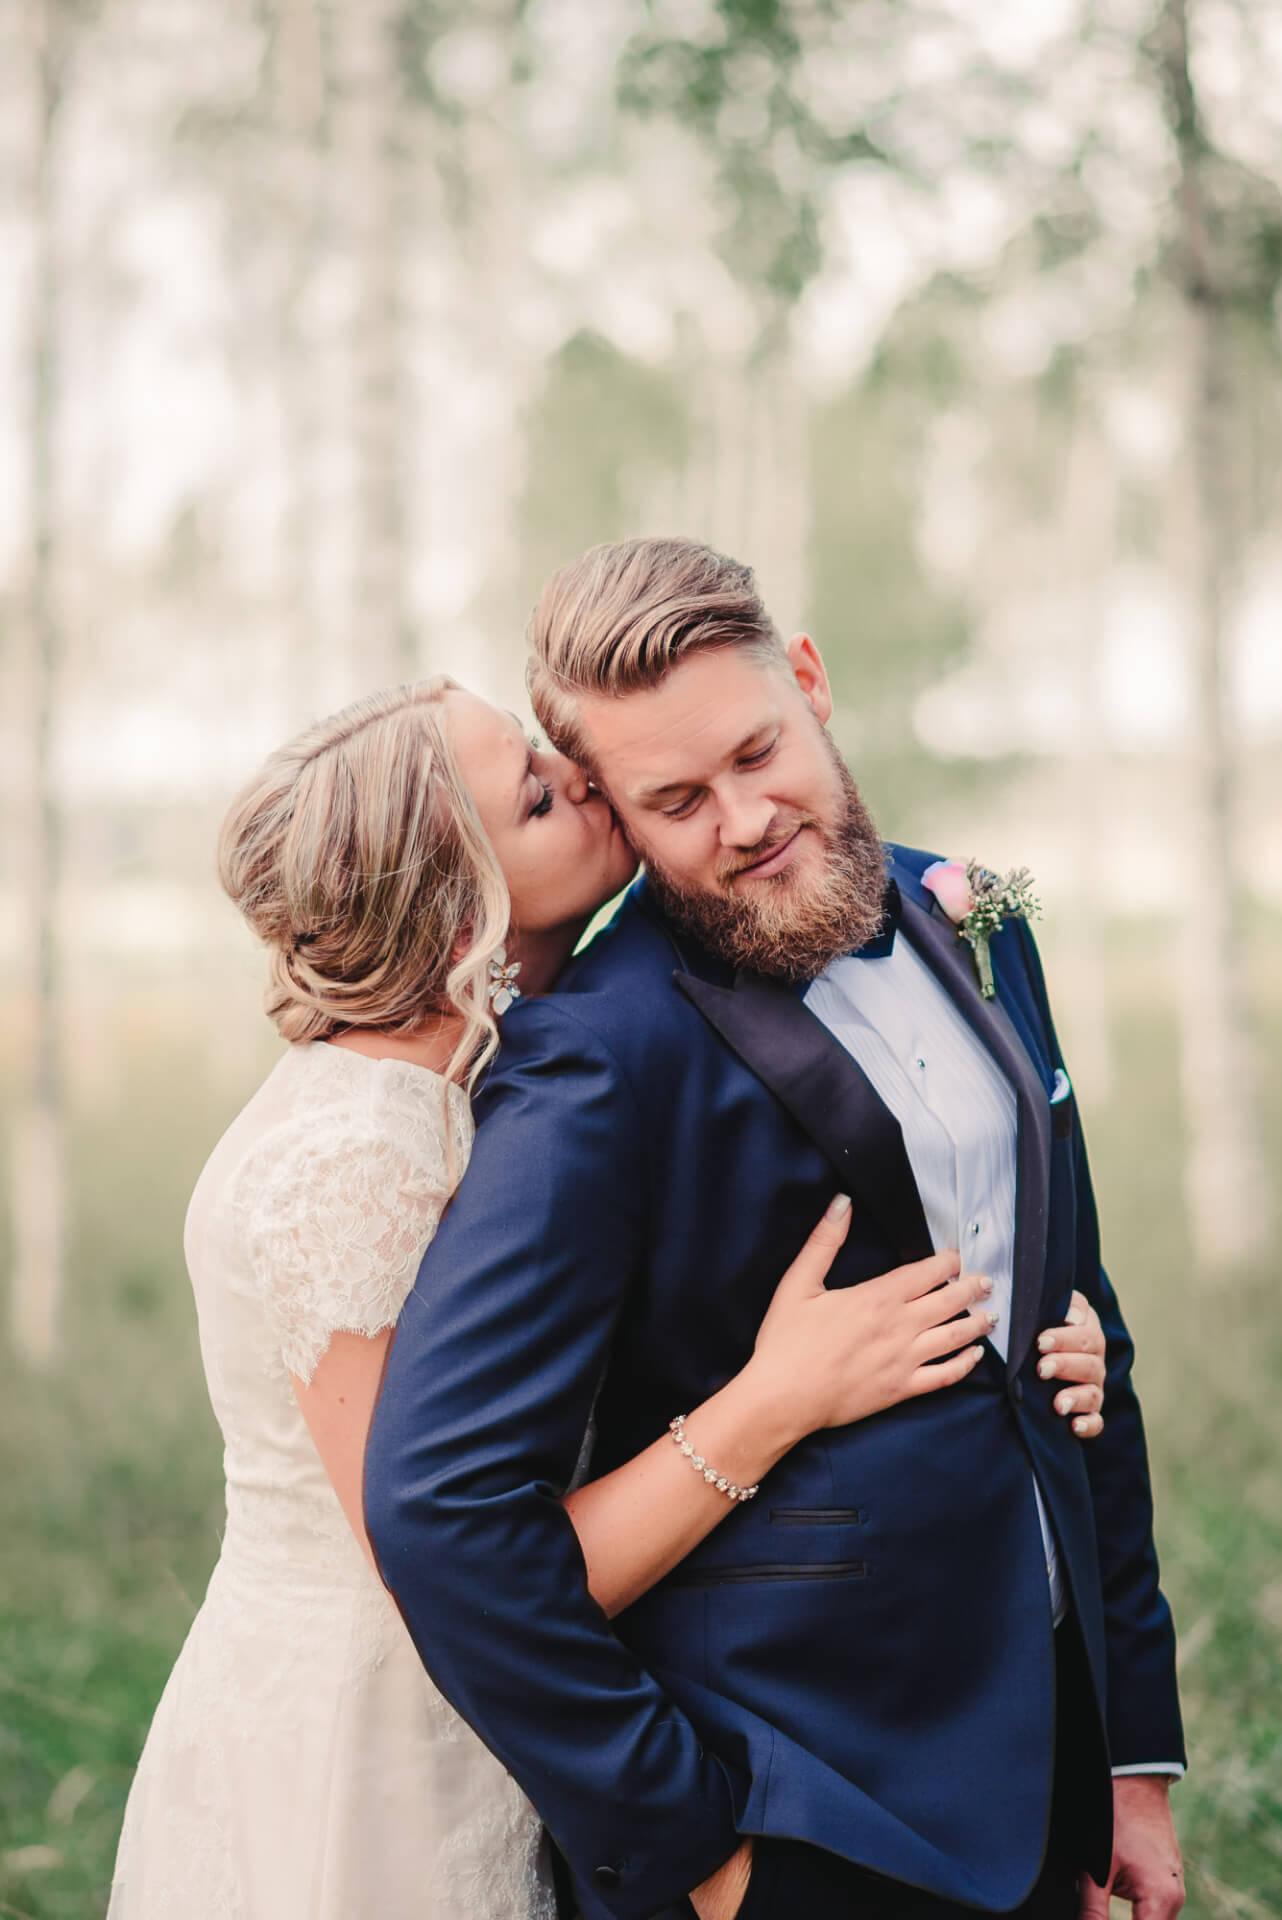 kul dating bräd spel kommentarer missionären dating